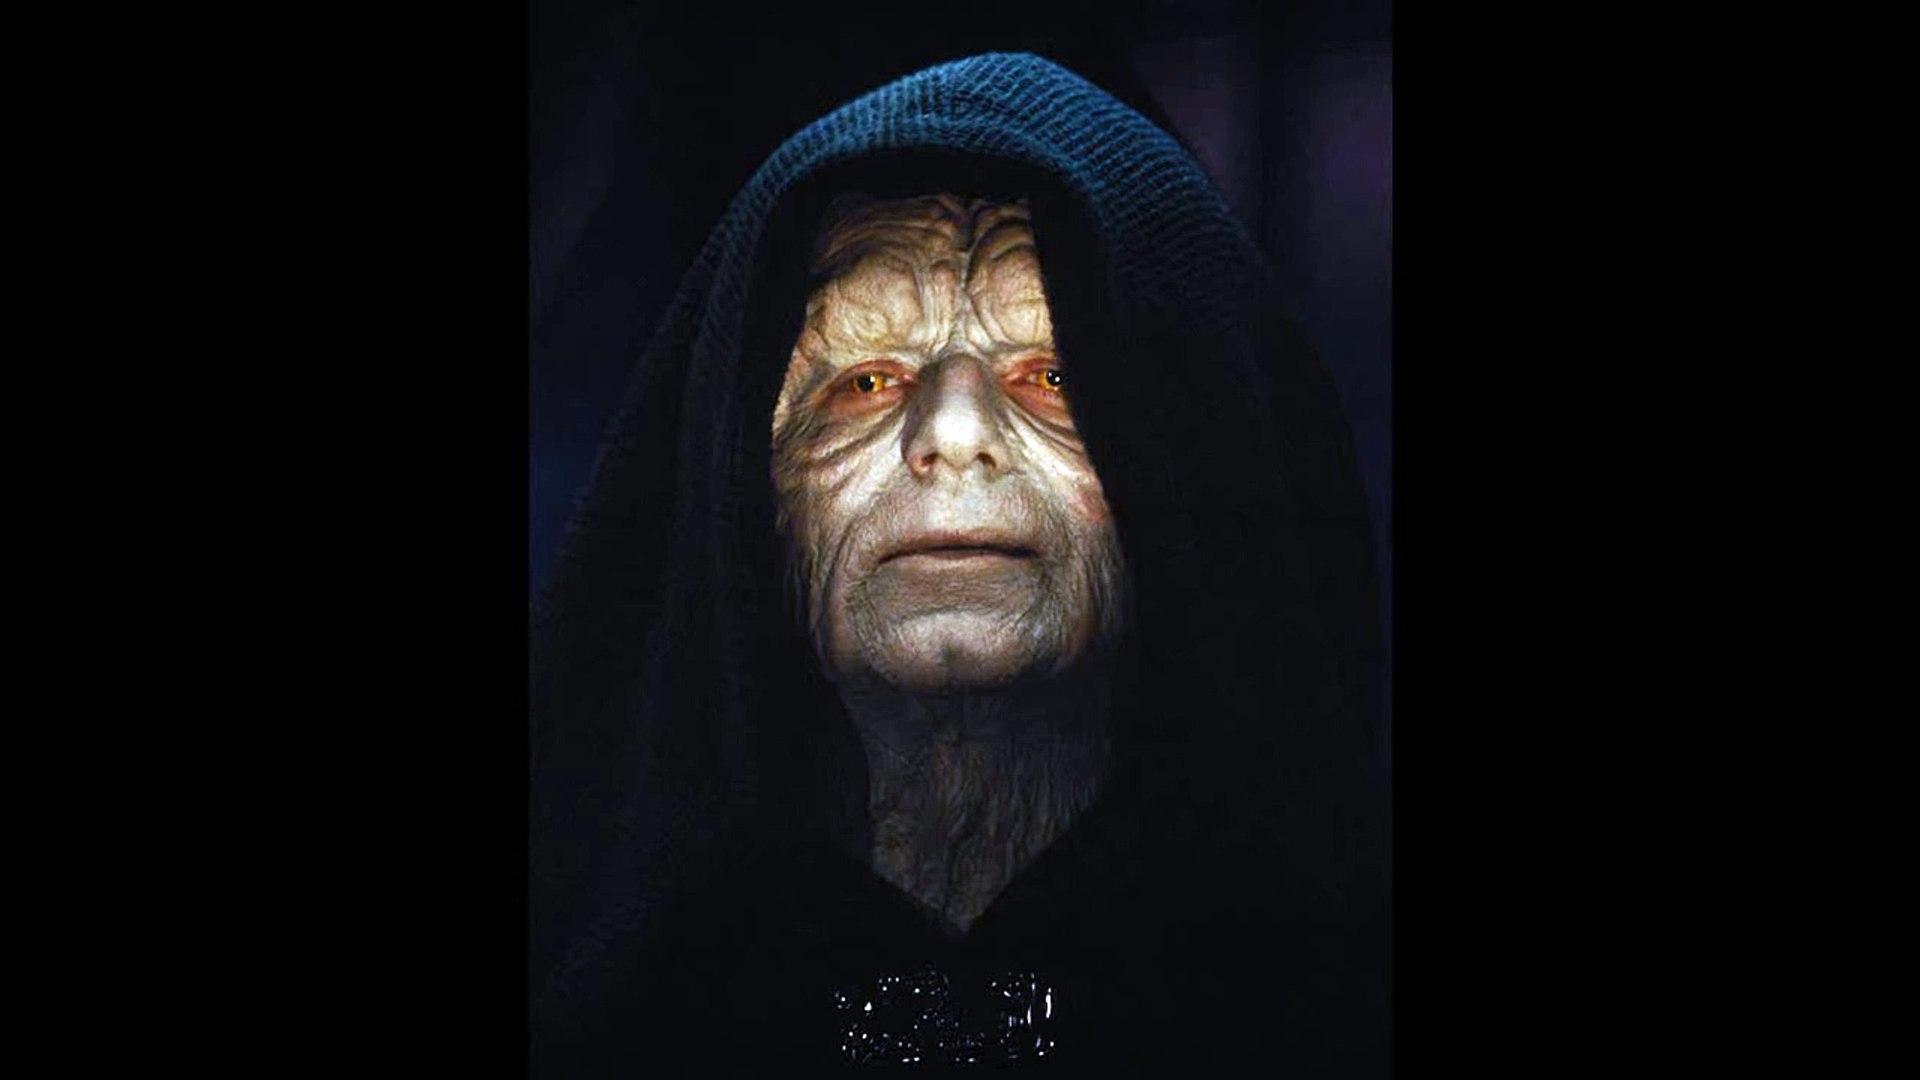 Star Wars Battlefront Emperor Palpatine Voice